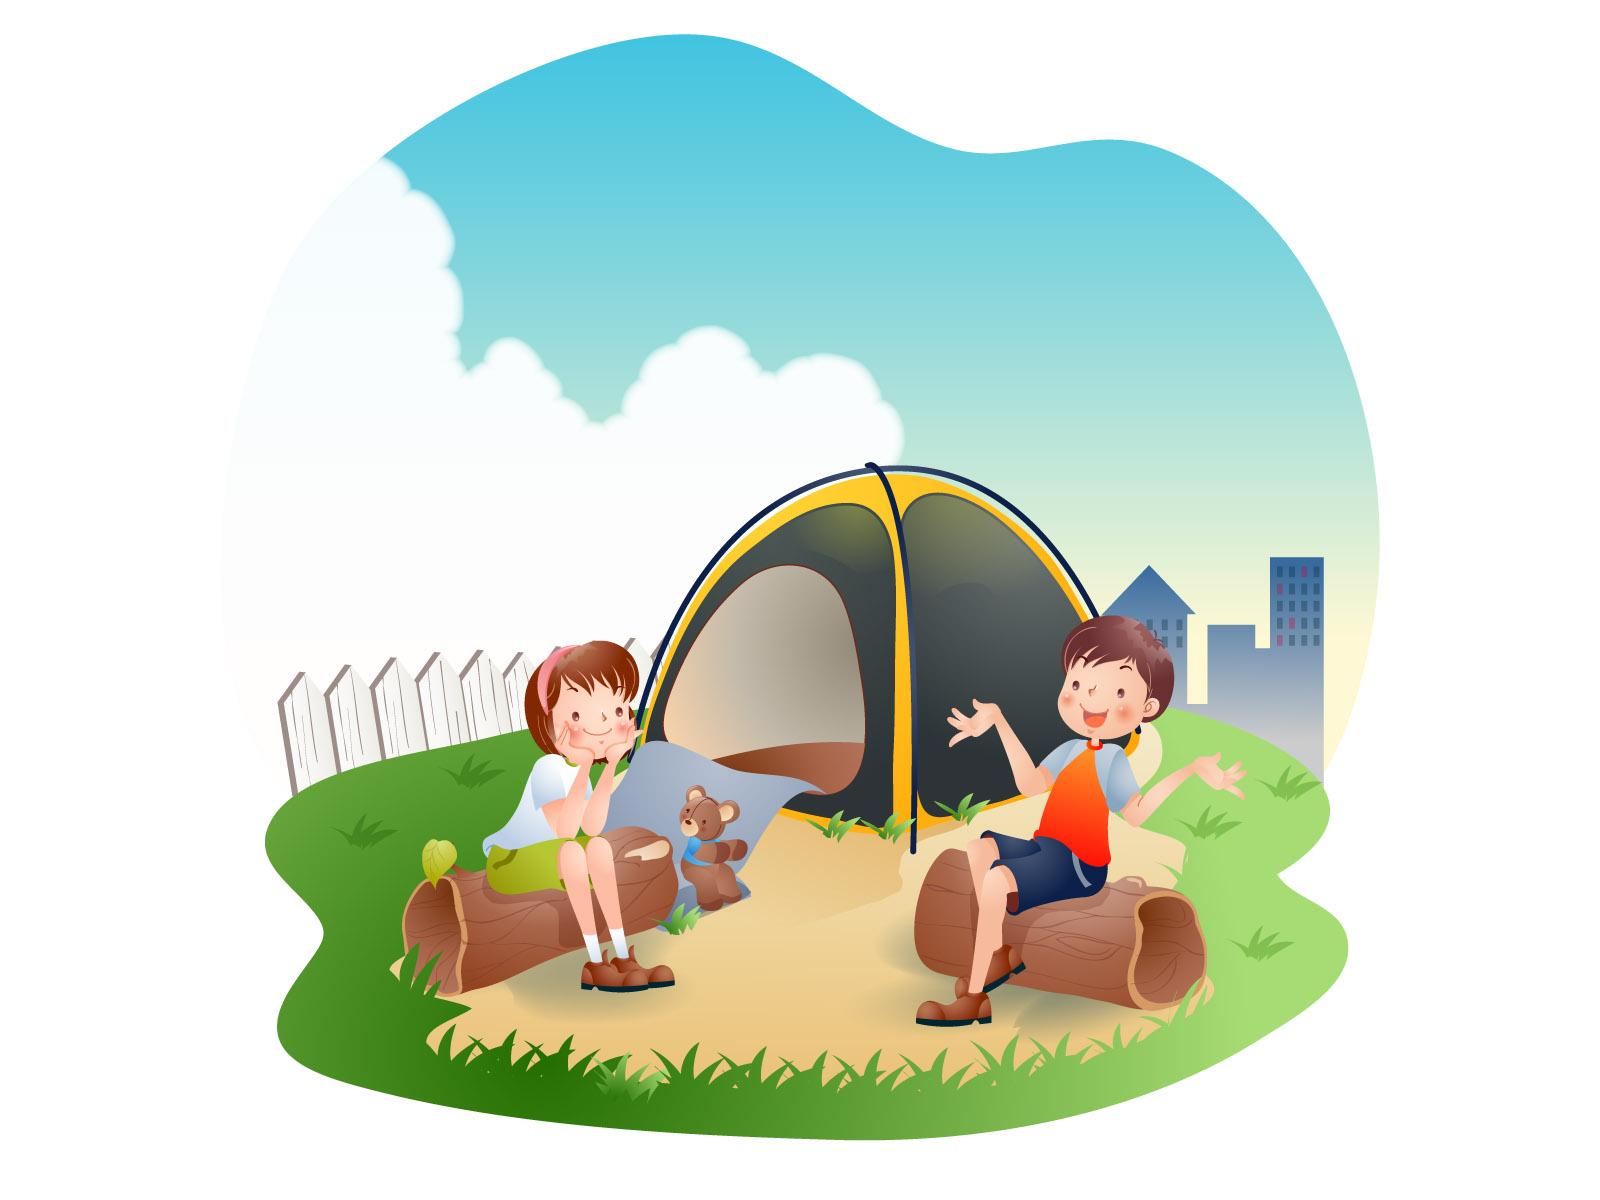 快乐暑假 六一儿童节特辑(壁纸1)